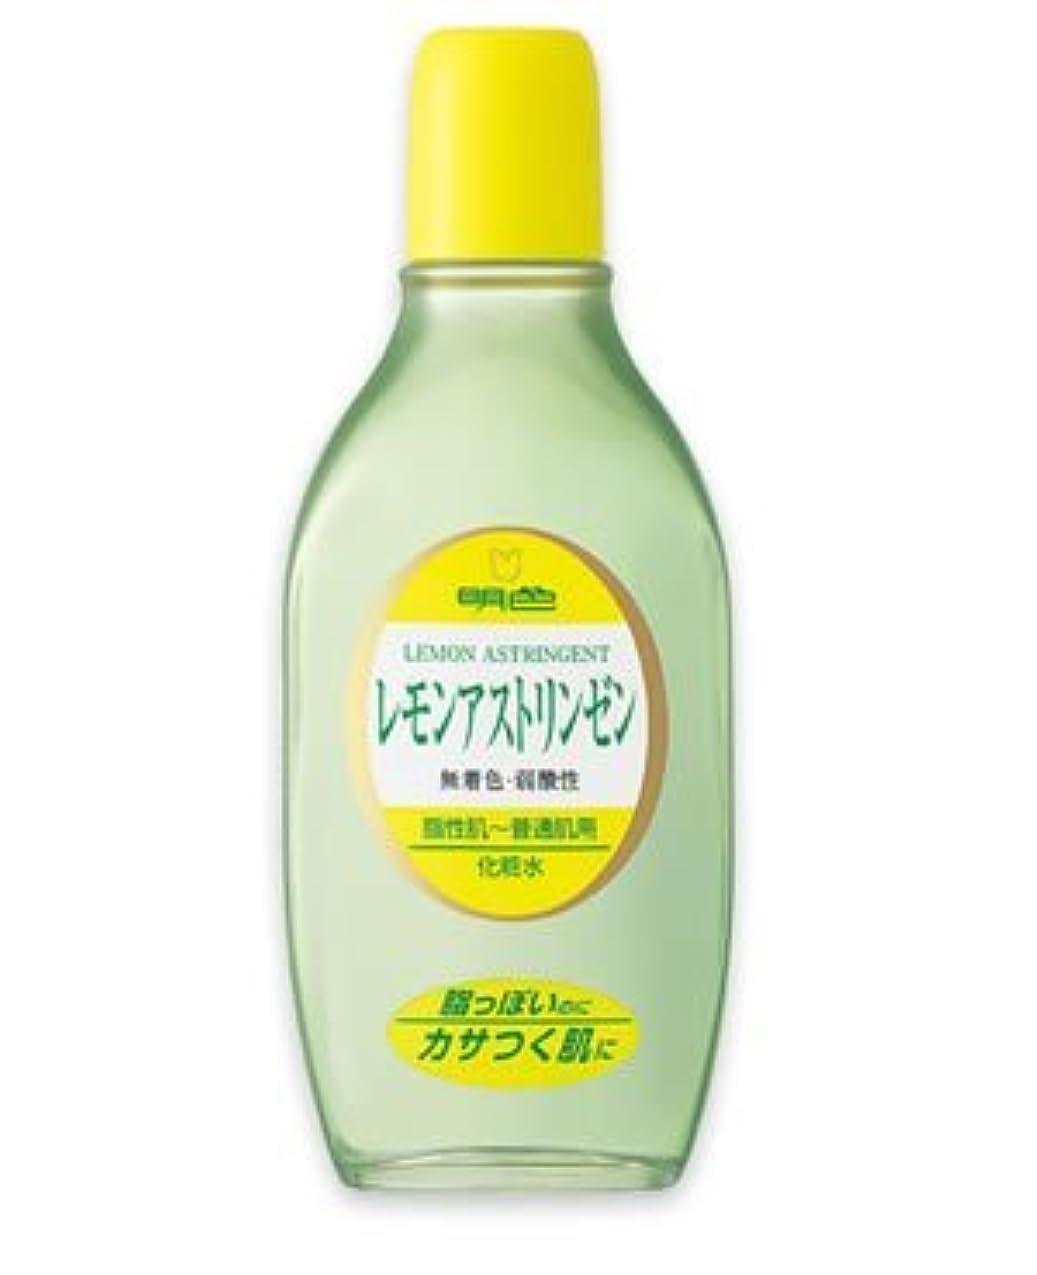 ファセット懐疑的紳士(明色)レモンアストリンゼン 170ml